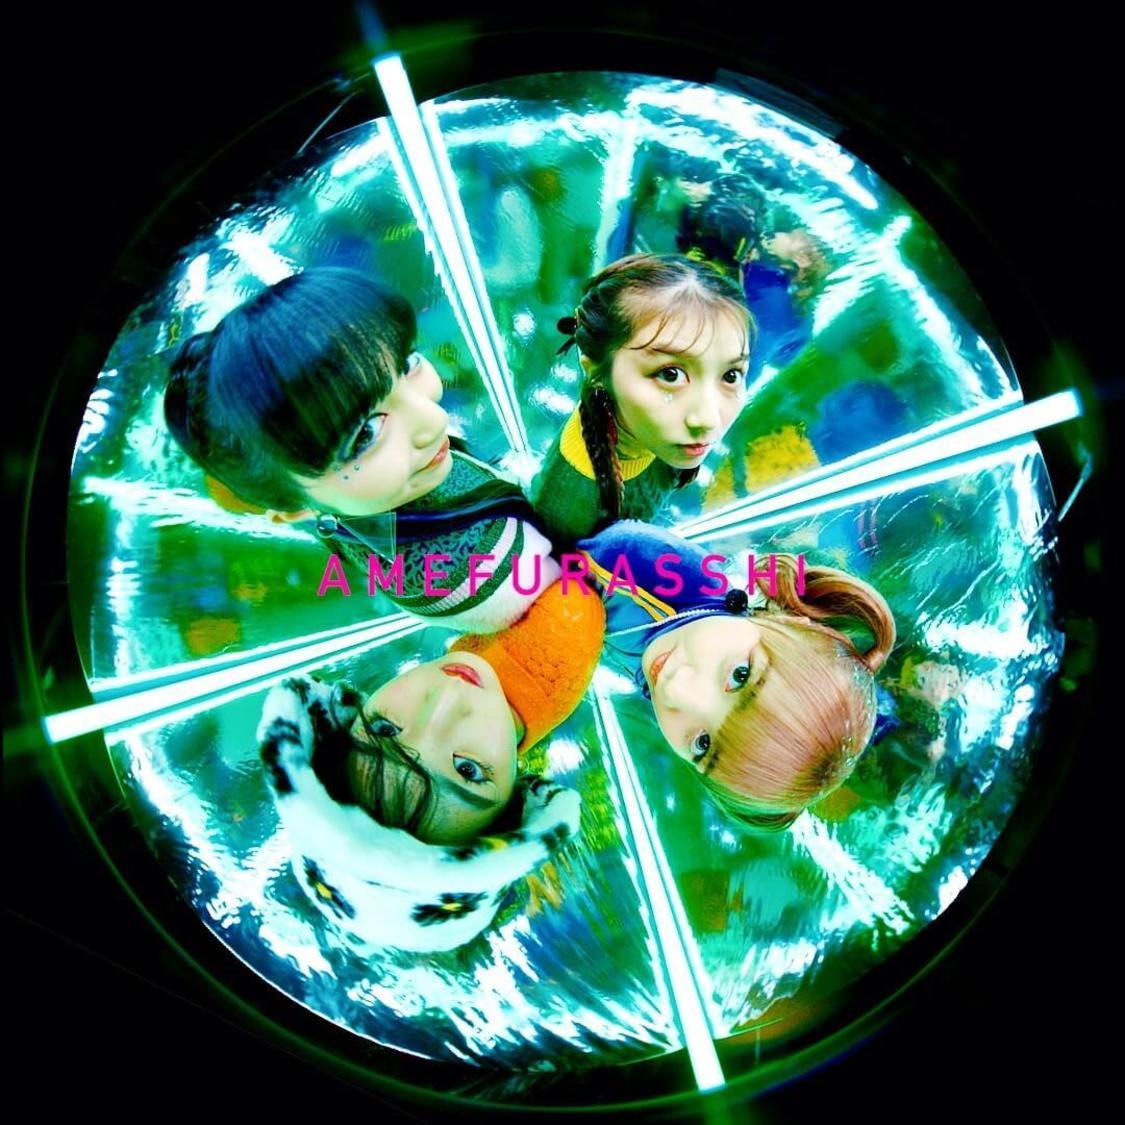 アメフラっシ、新SG「Sensitive」MV公開「奇跡の始まりを見逃さないでください!」